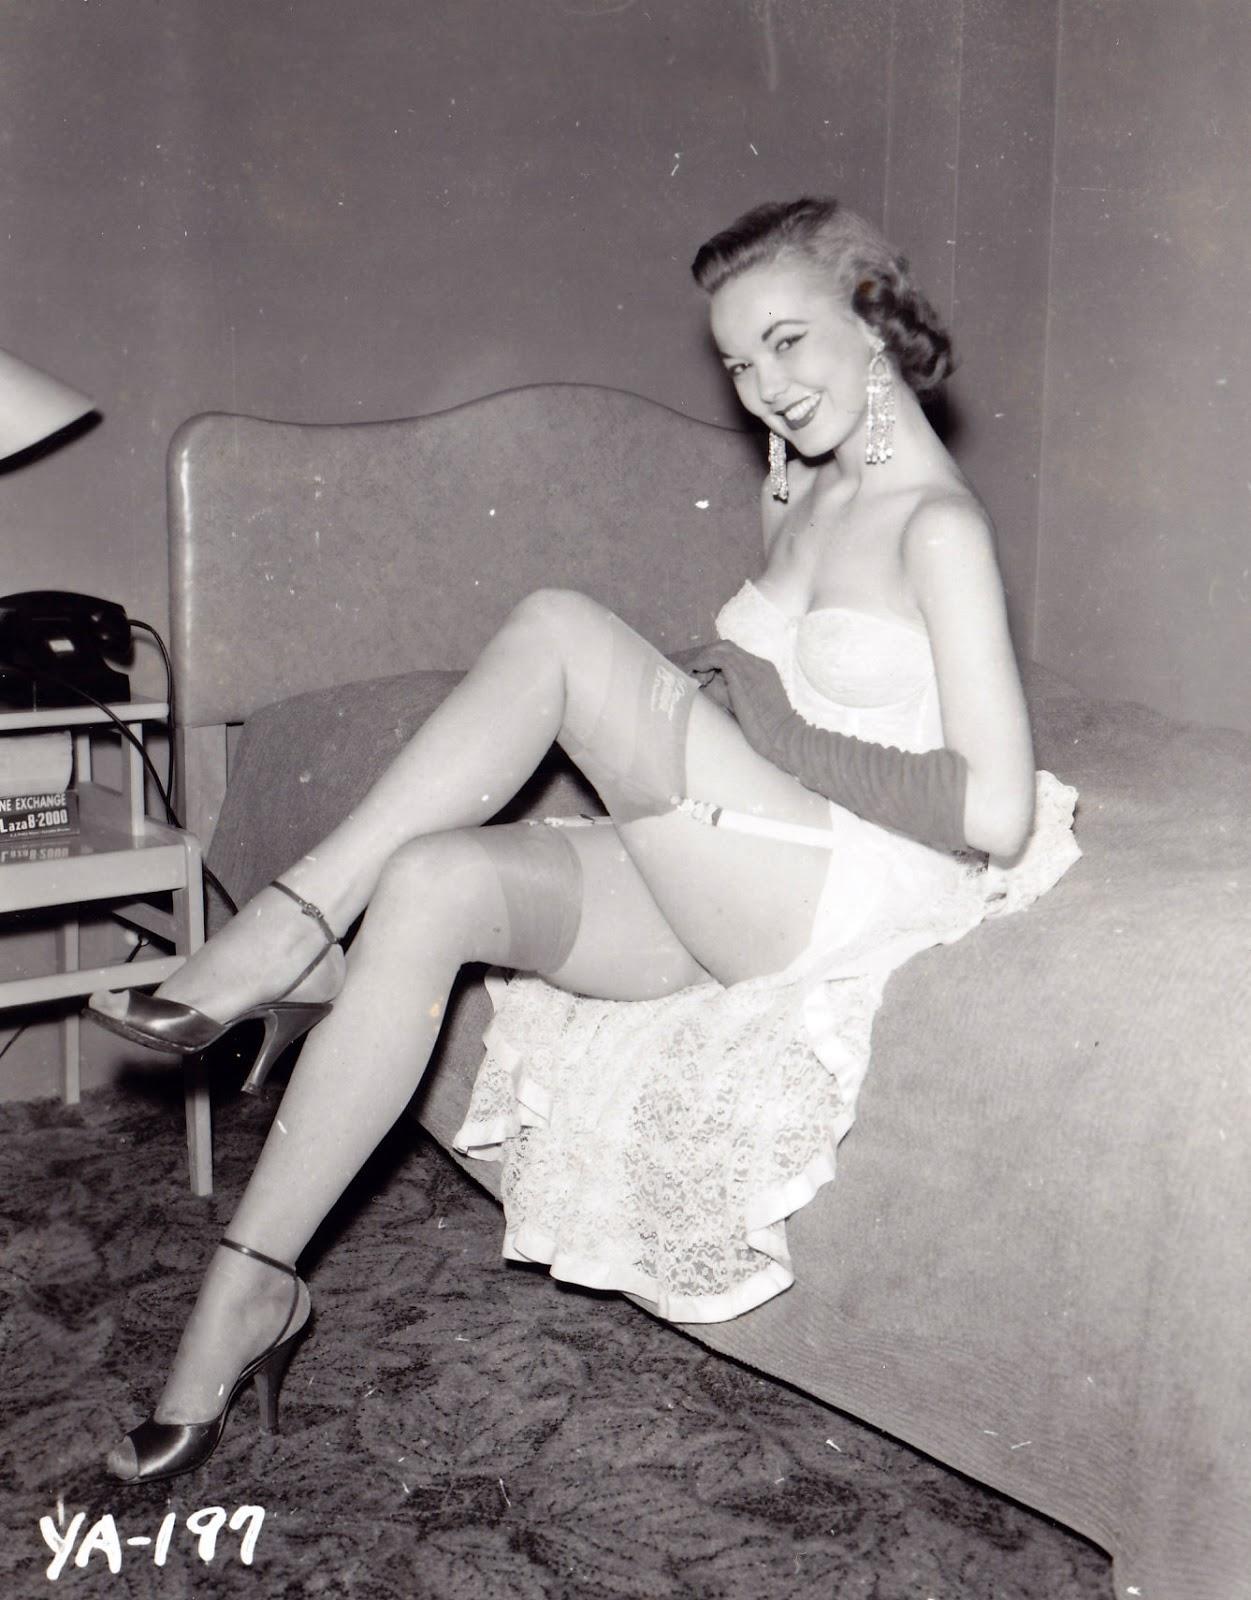 vintage nylons girdles 1960s photos